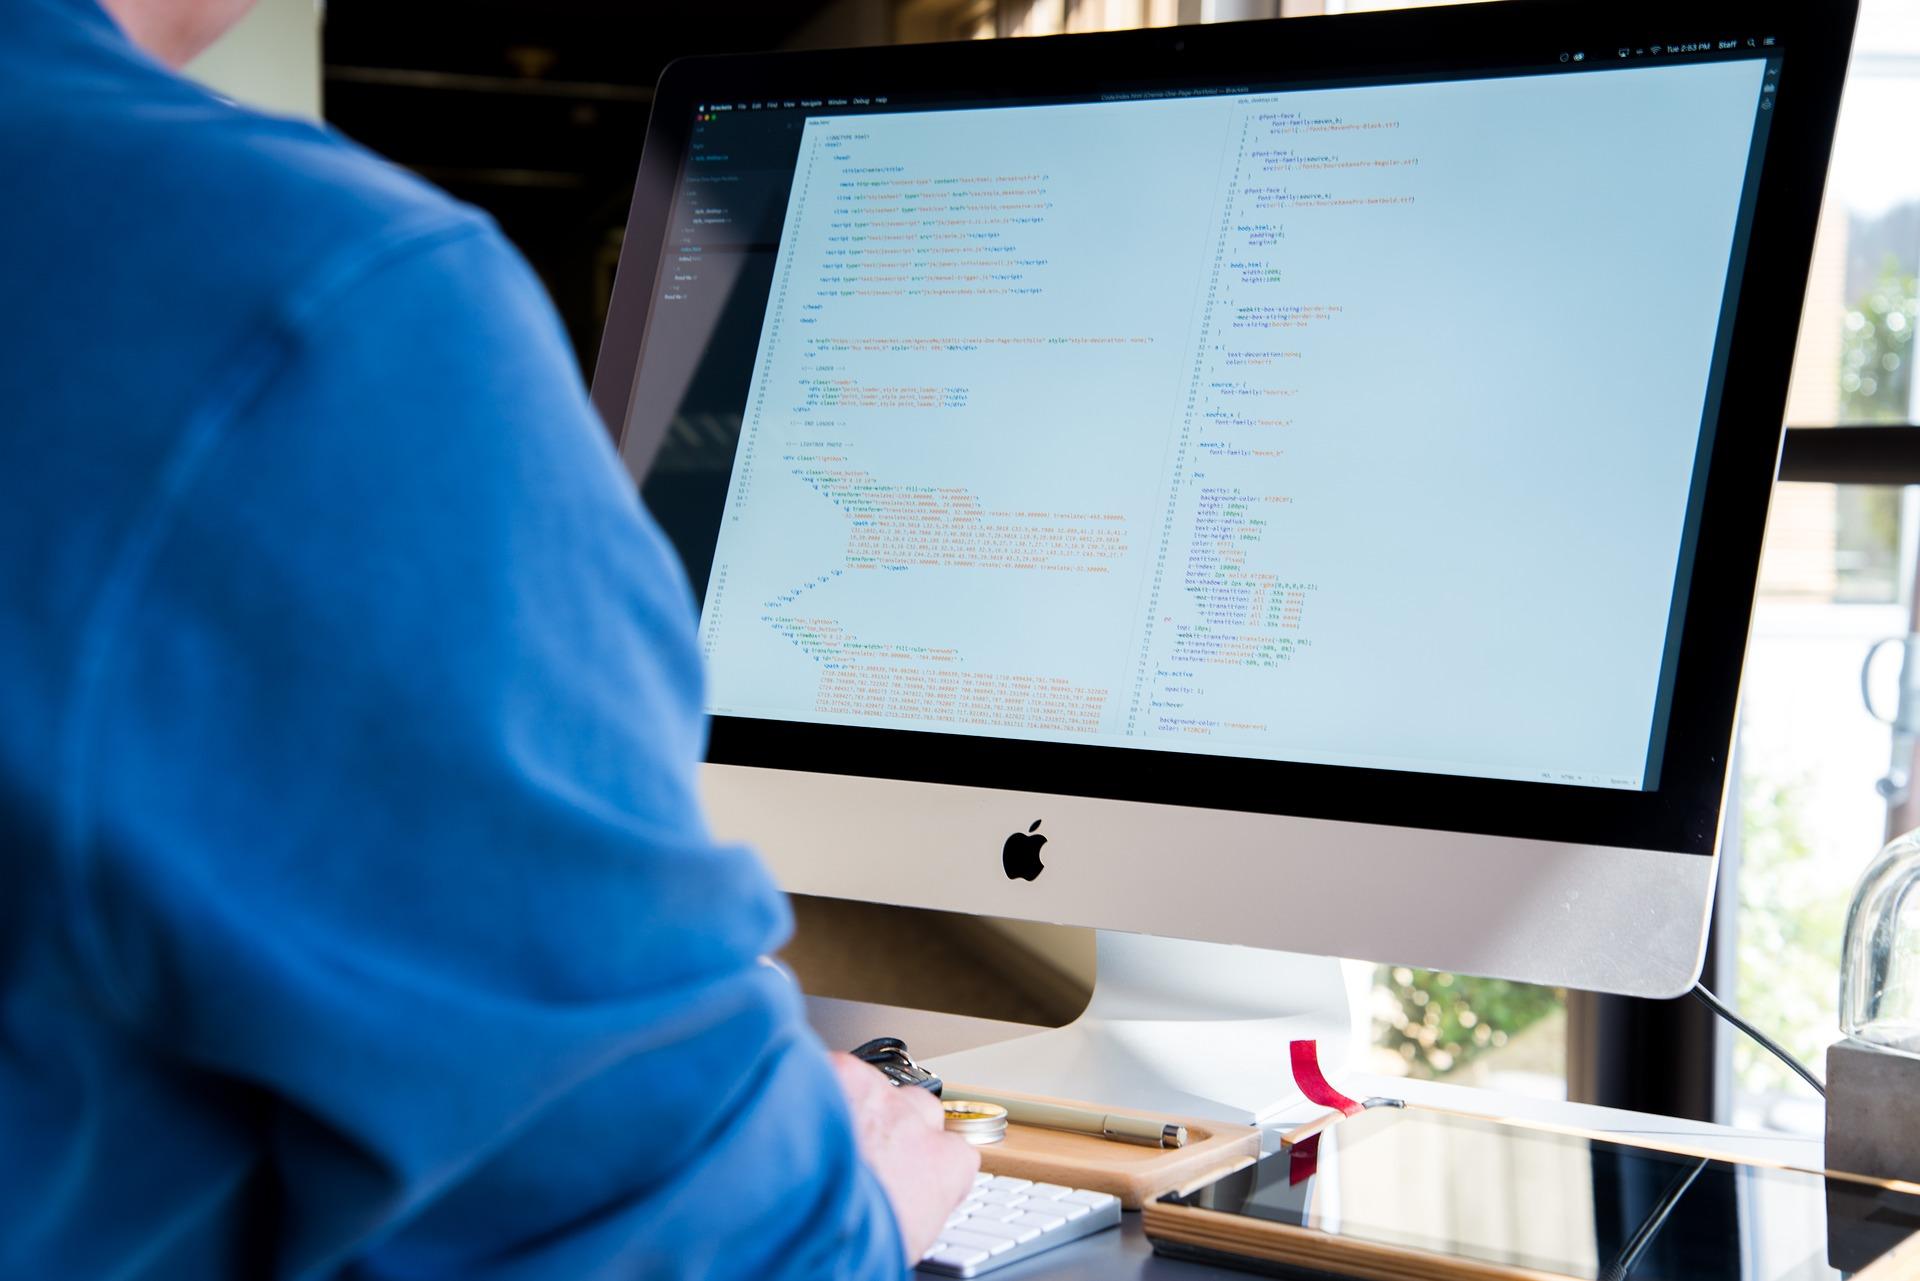 Tietokoneen kuvaruutu, jolla teknistä tekstiä ja mieshahmo osaselkäkuvassa, sininen paita.